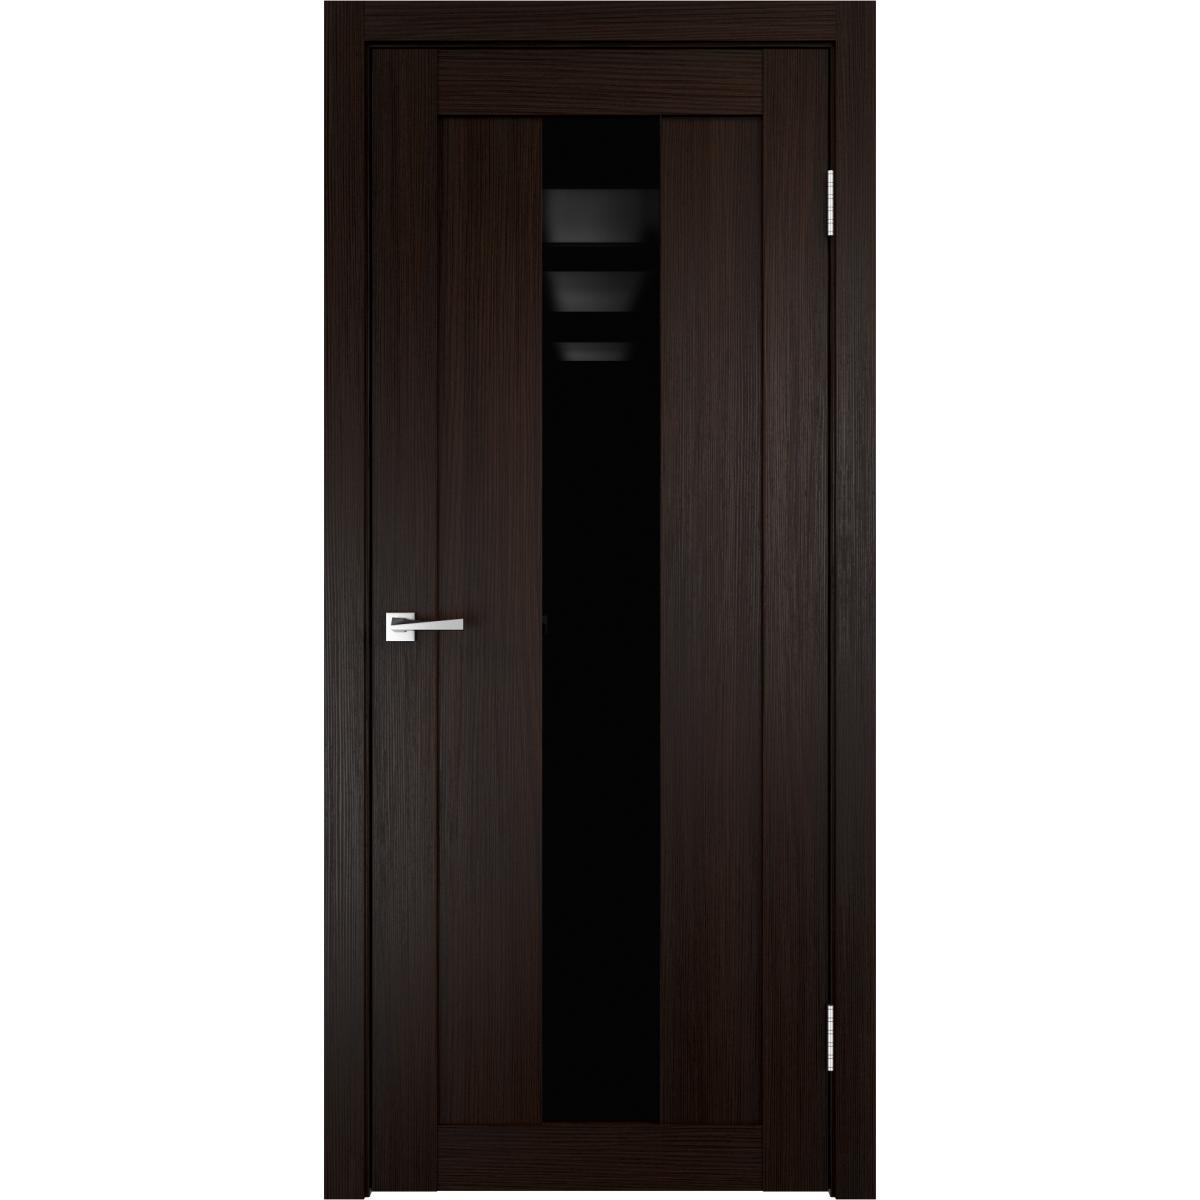 Дверь межкомнатная остеклённая Фортуна 60x200 см ПВХ цвет венге